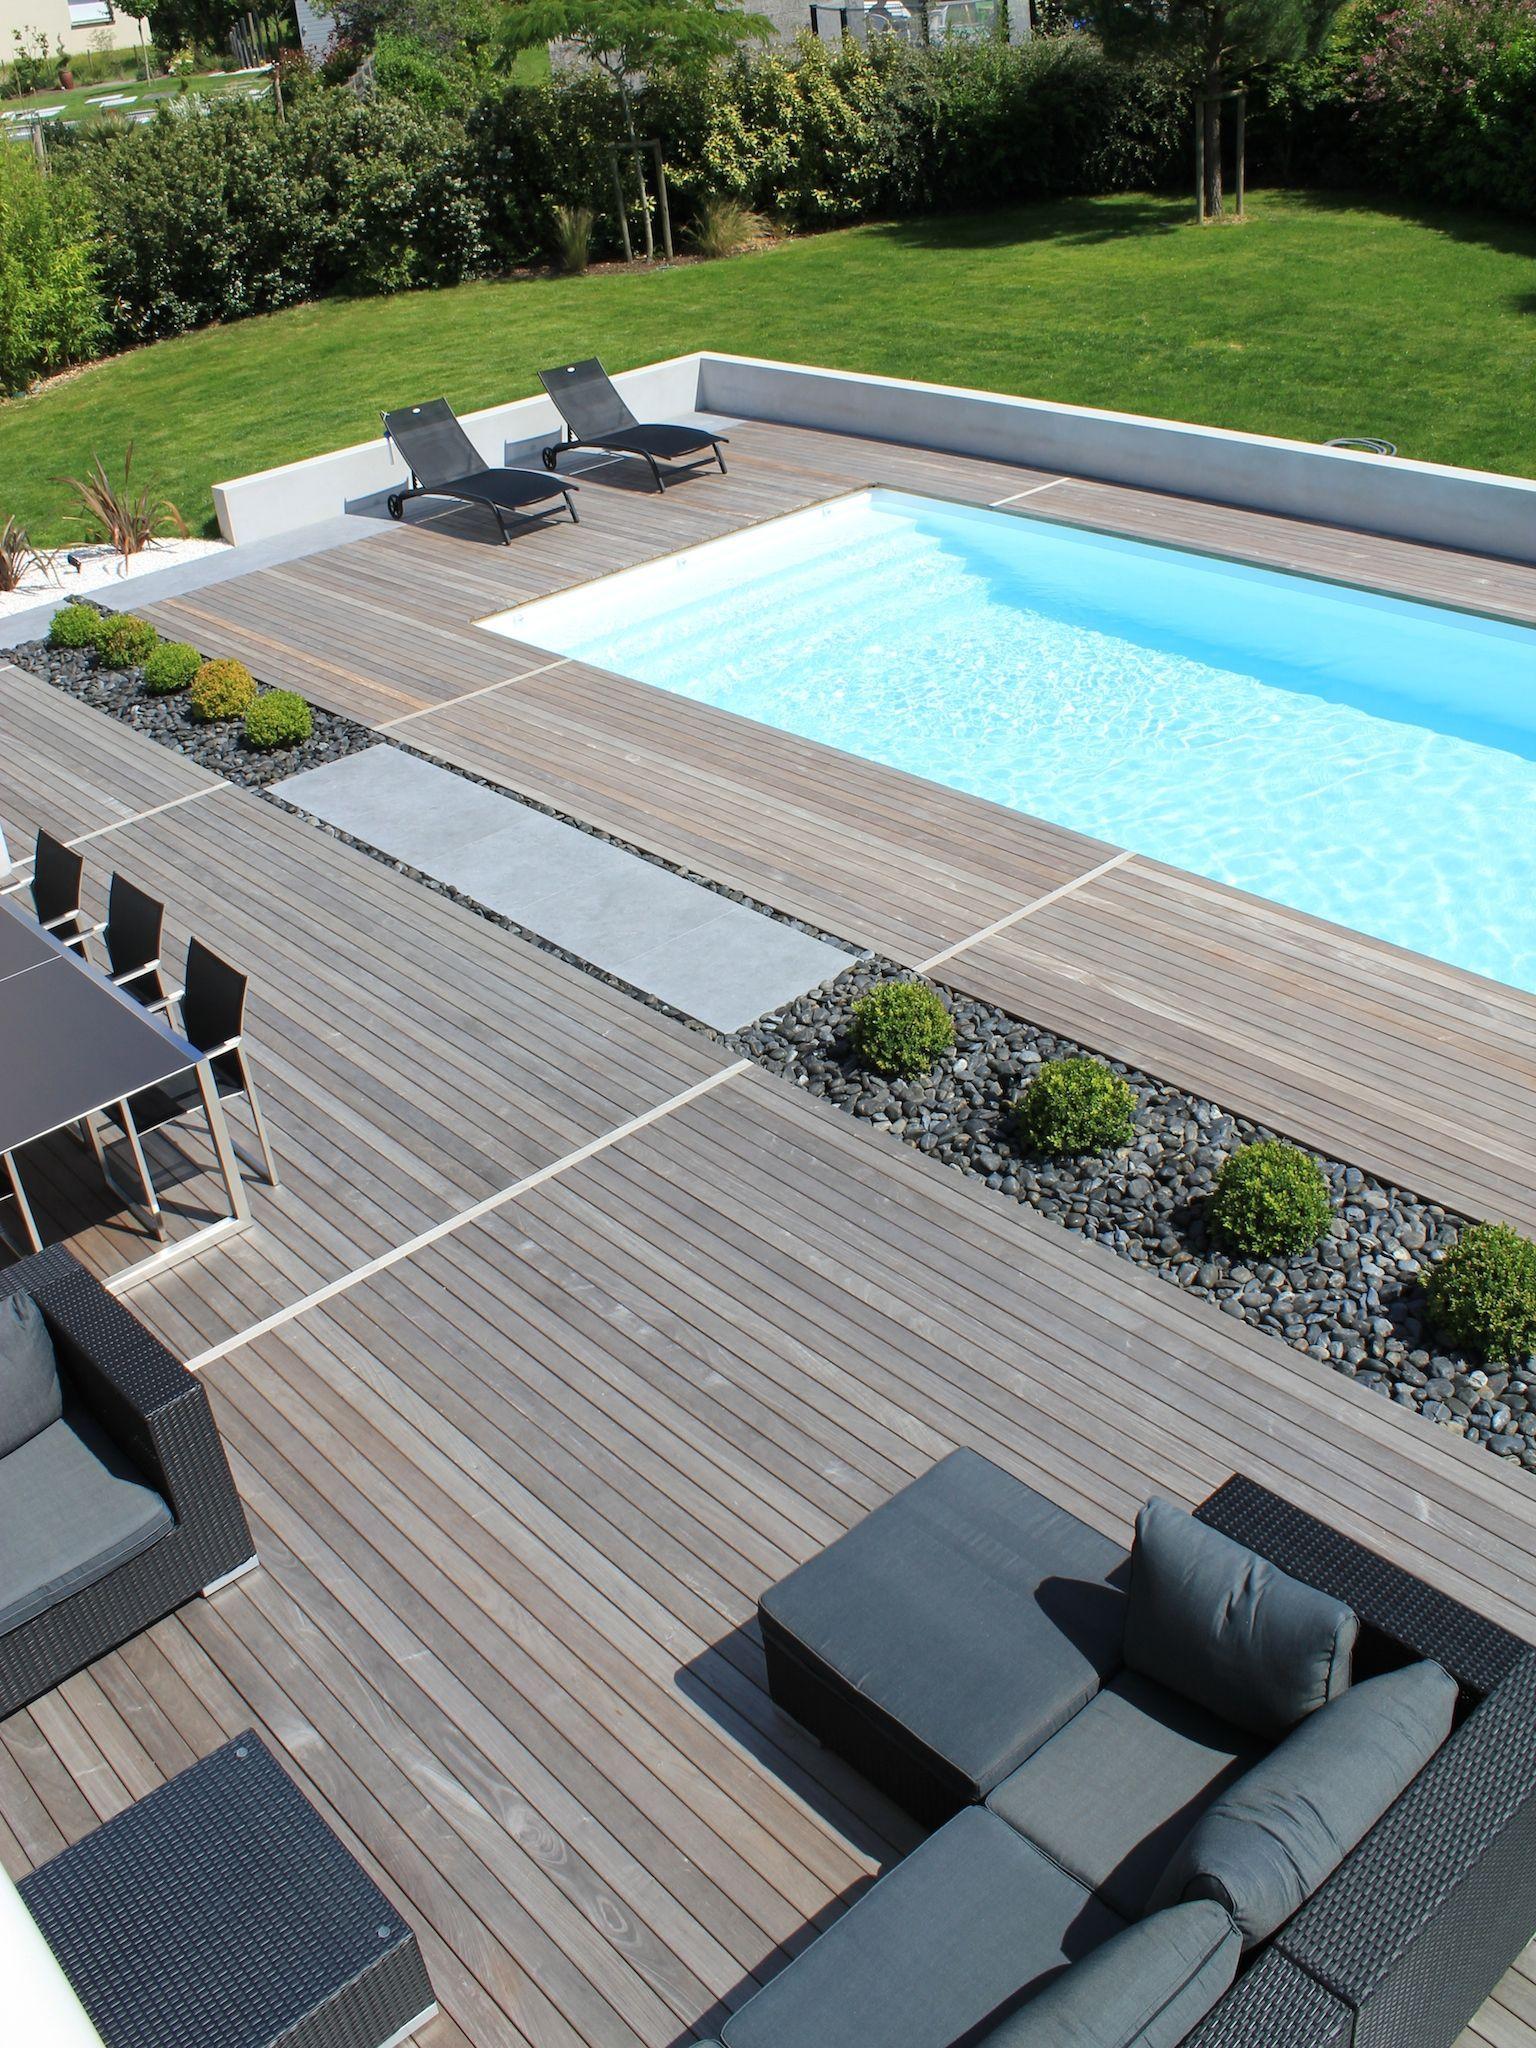 la piscine paysag e par l 39 esprit piscine 9 5 x 4 m rev tement blanc escalier droit sur la. Black Bedroom Furniture Sets. Home Design Ideas